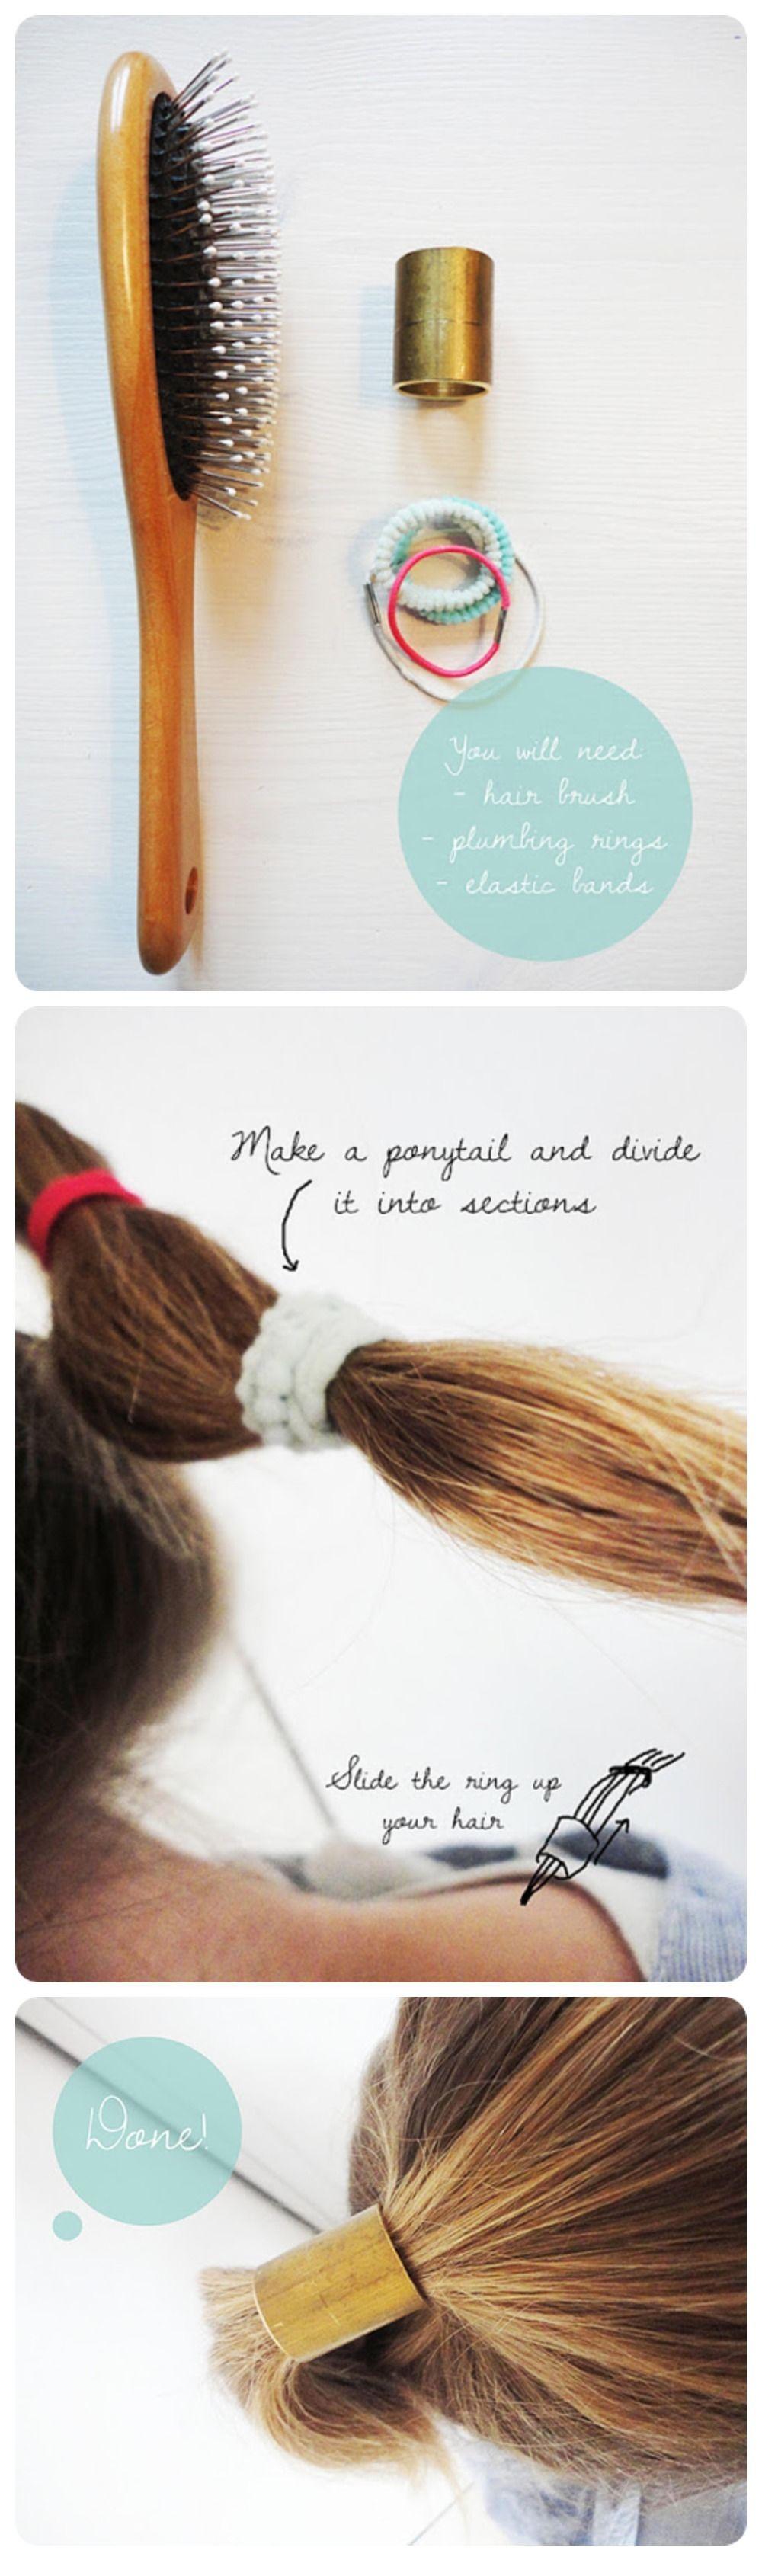 DIY Hair Cuff Crafthubs - Ponytail cuff diy